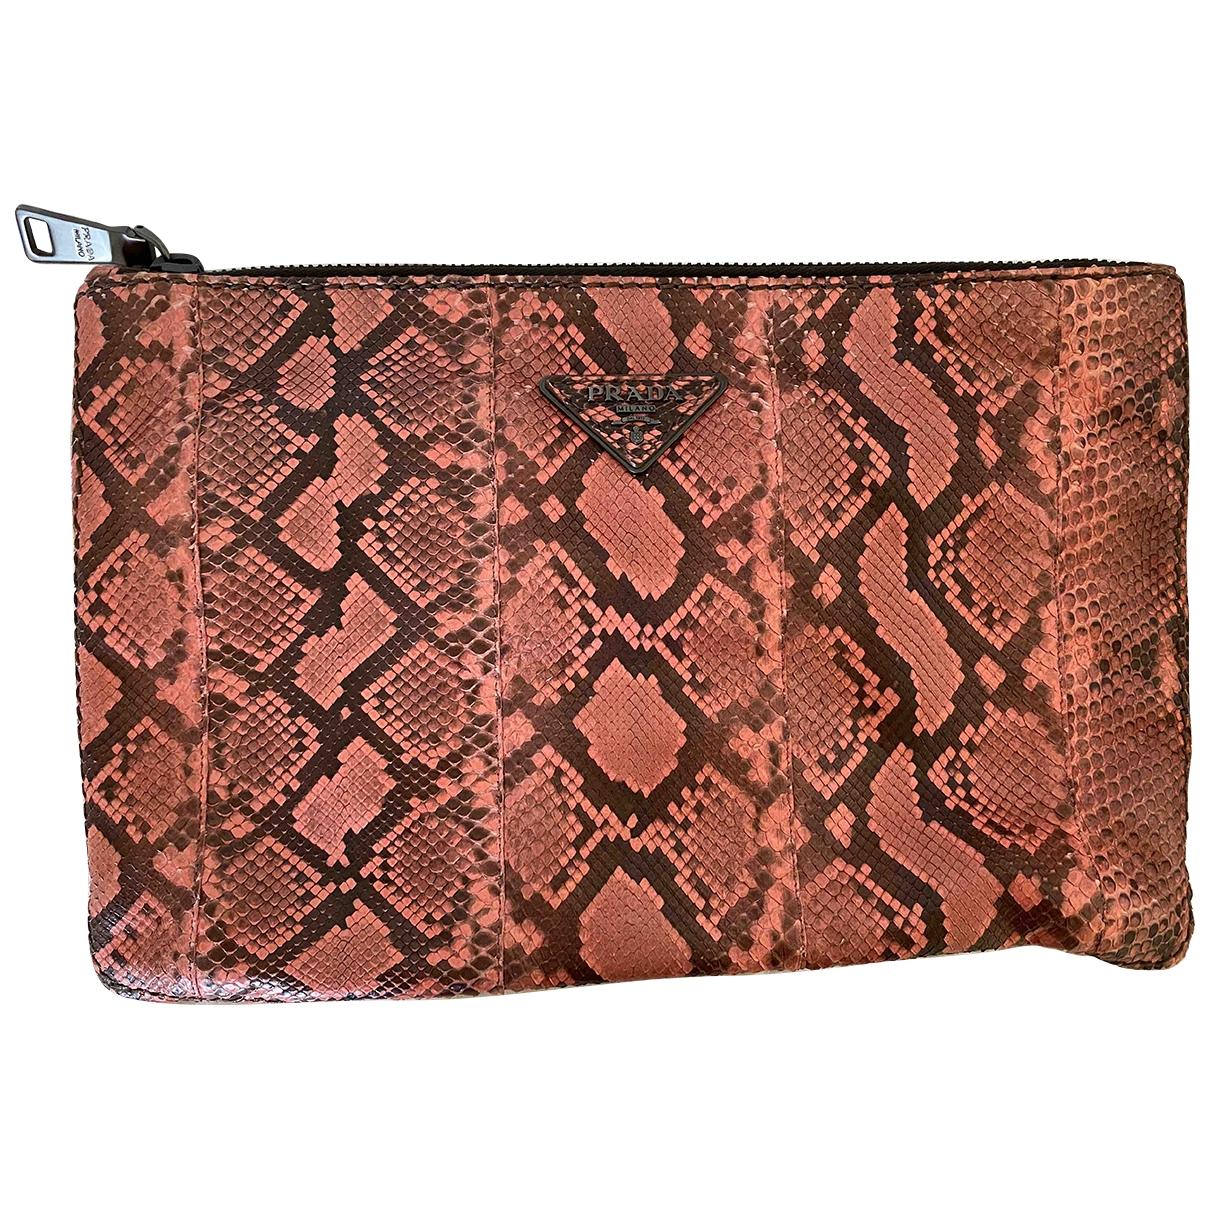 Prada \N Pink Python Clutch bag for Women \N